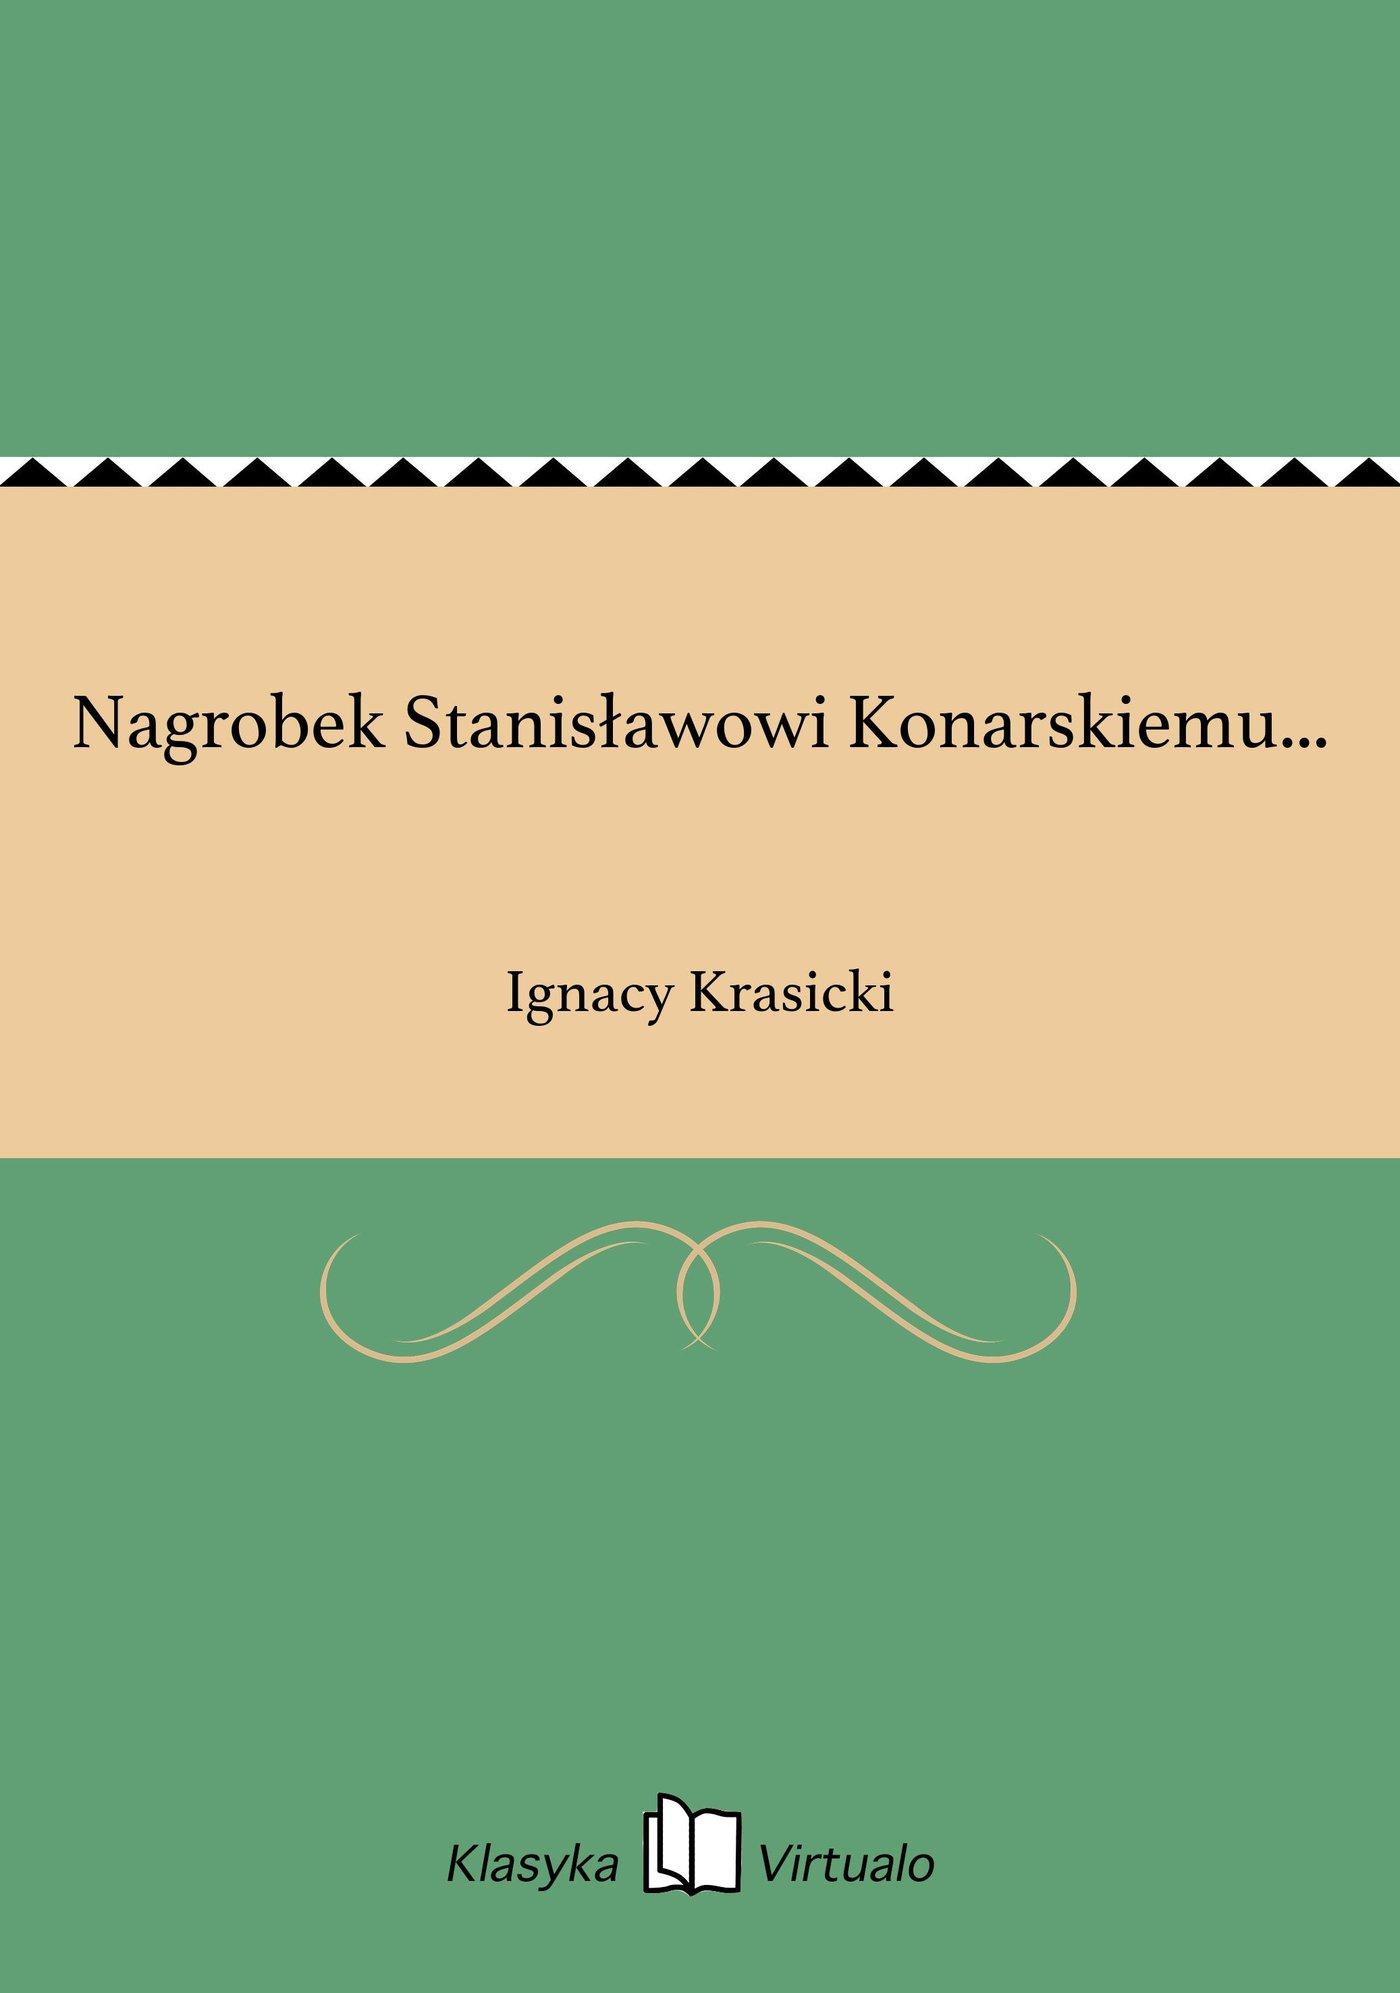 Nagrobek Stanisławowi Konarskiemu... - Ebook (Książka EPUB) do pobrania w formacie EPUB